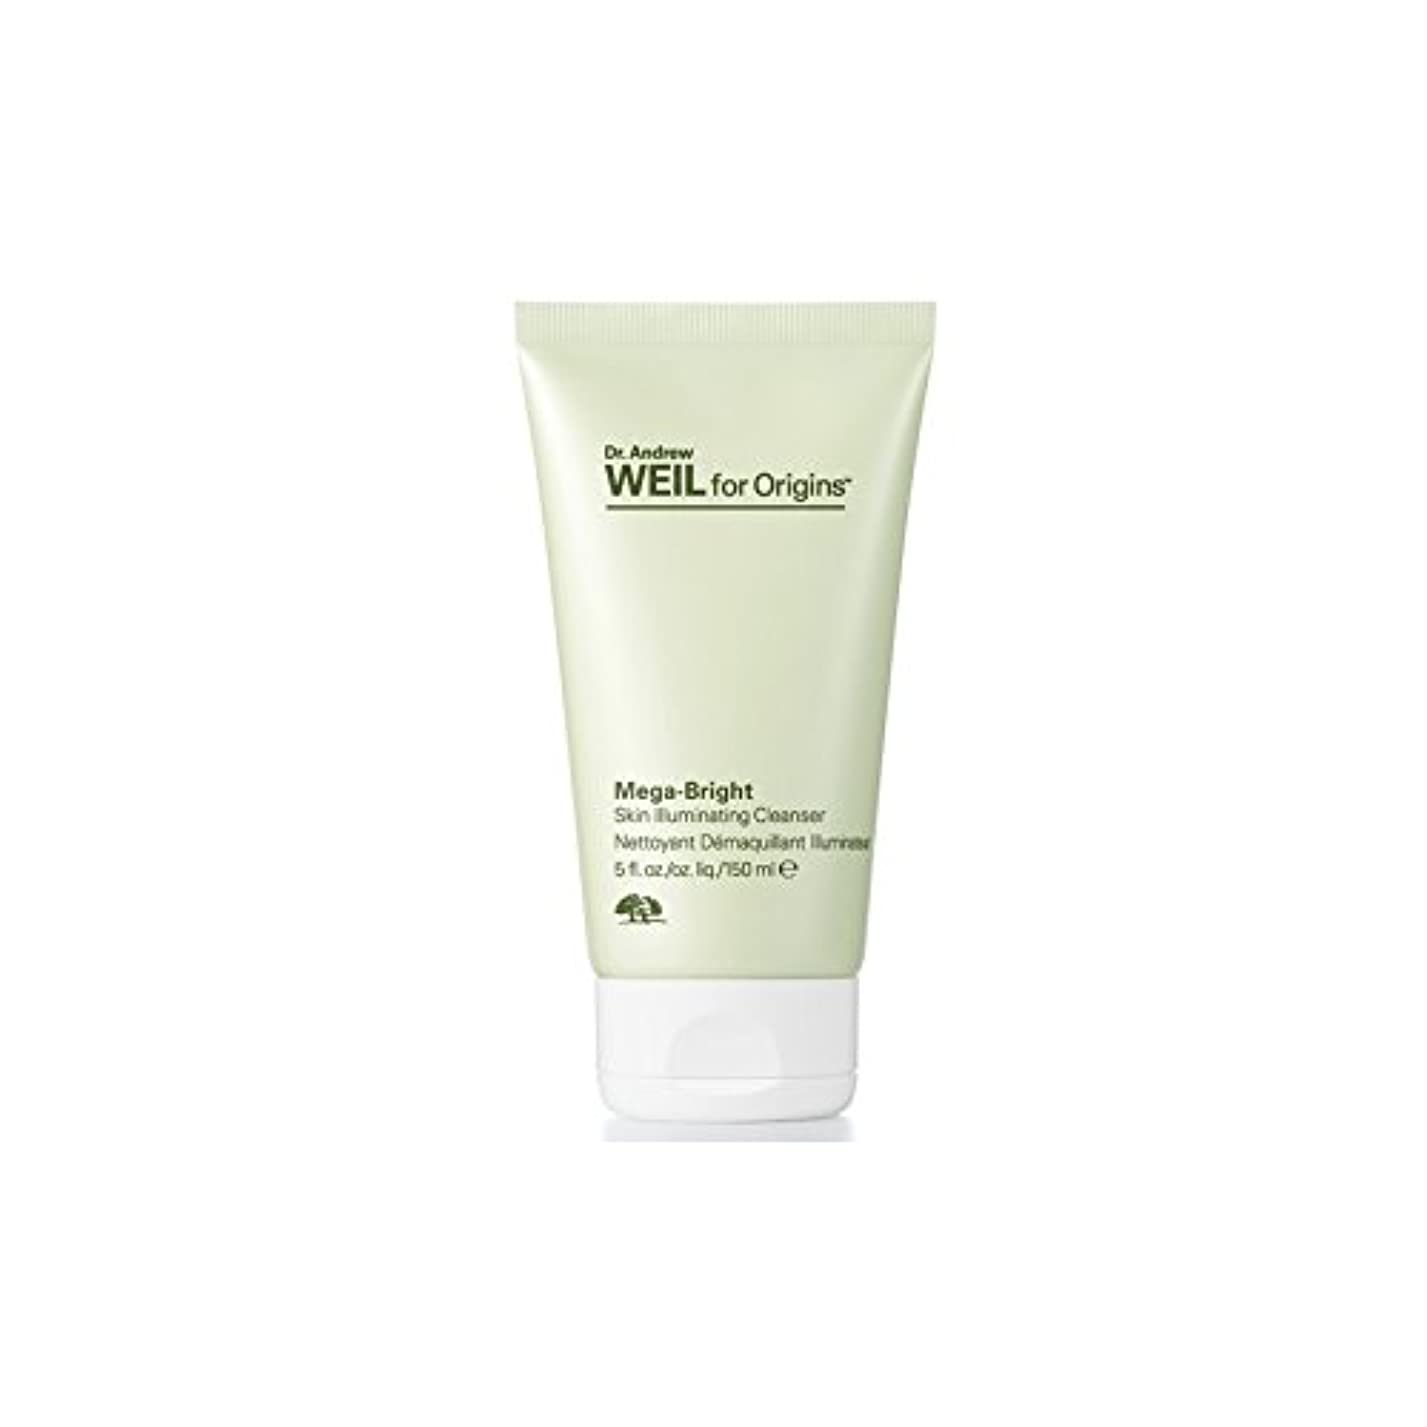 悲しいことに分岐する大学Origins Dr. Andrew Weil For Origins? Mega-Bright Skin Illuminating Cleanser 150ml - 起源アンドルー?ワイルクレンザー150ミリリットルを...